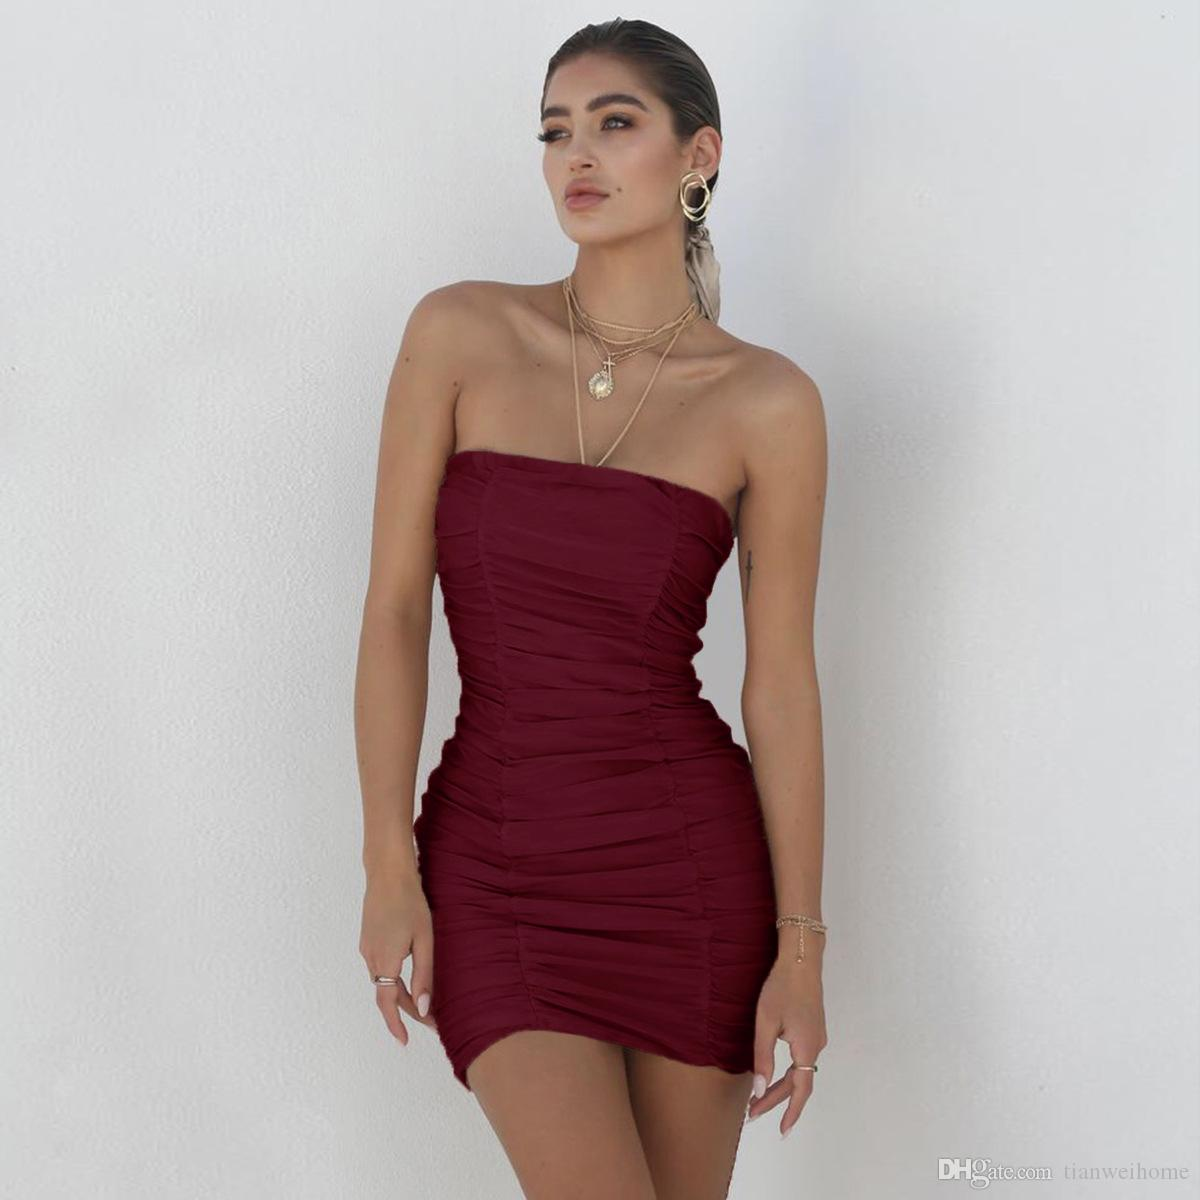 Delle Donne Sexy Senza Spalline Discoteca Drape Dress moda elastico Poliestere Estate Vestito Aderente 4 Colori Spedizione Gratuita